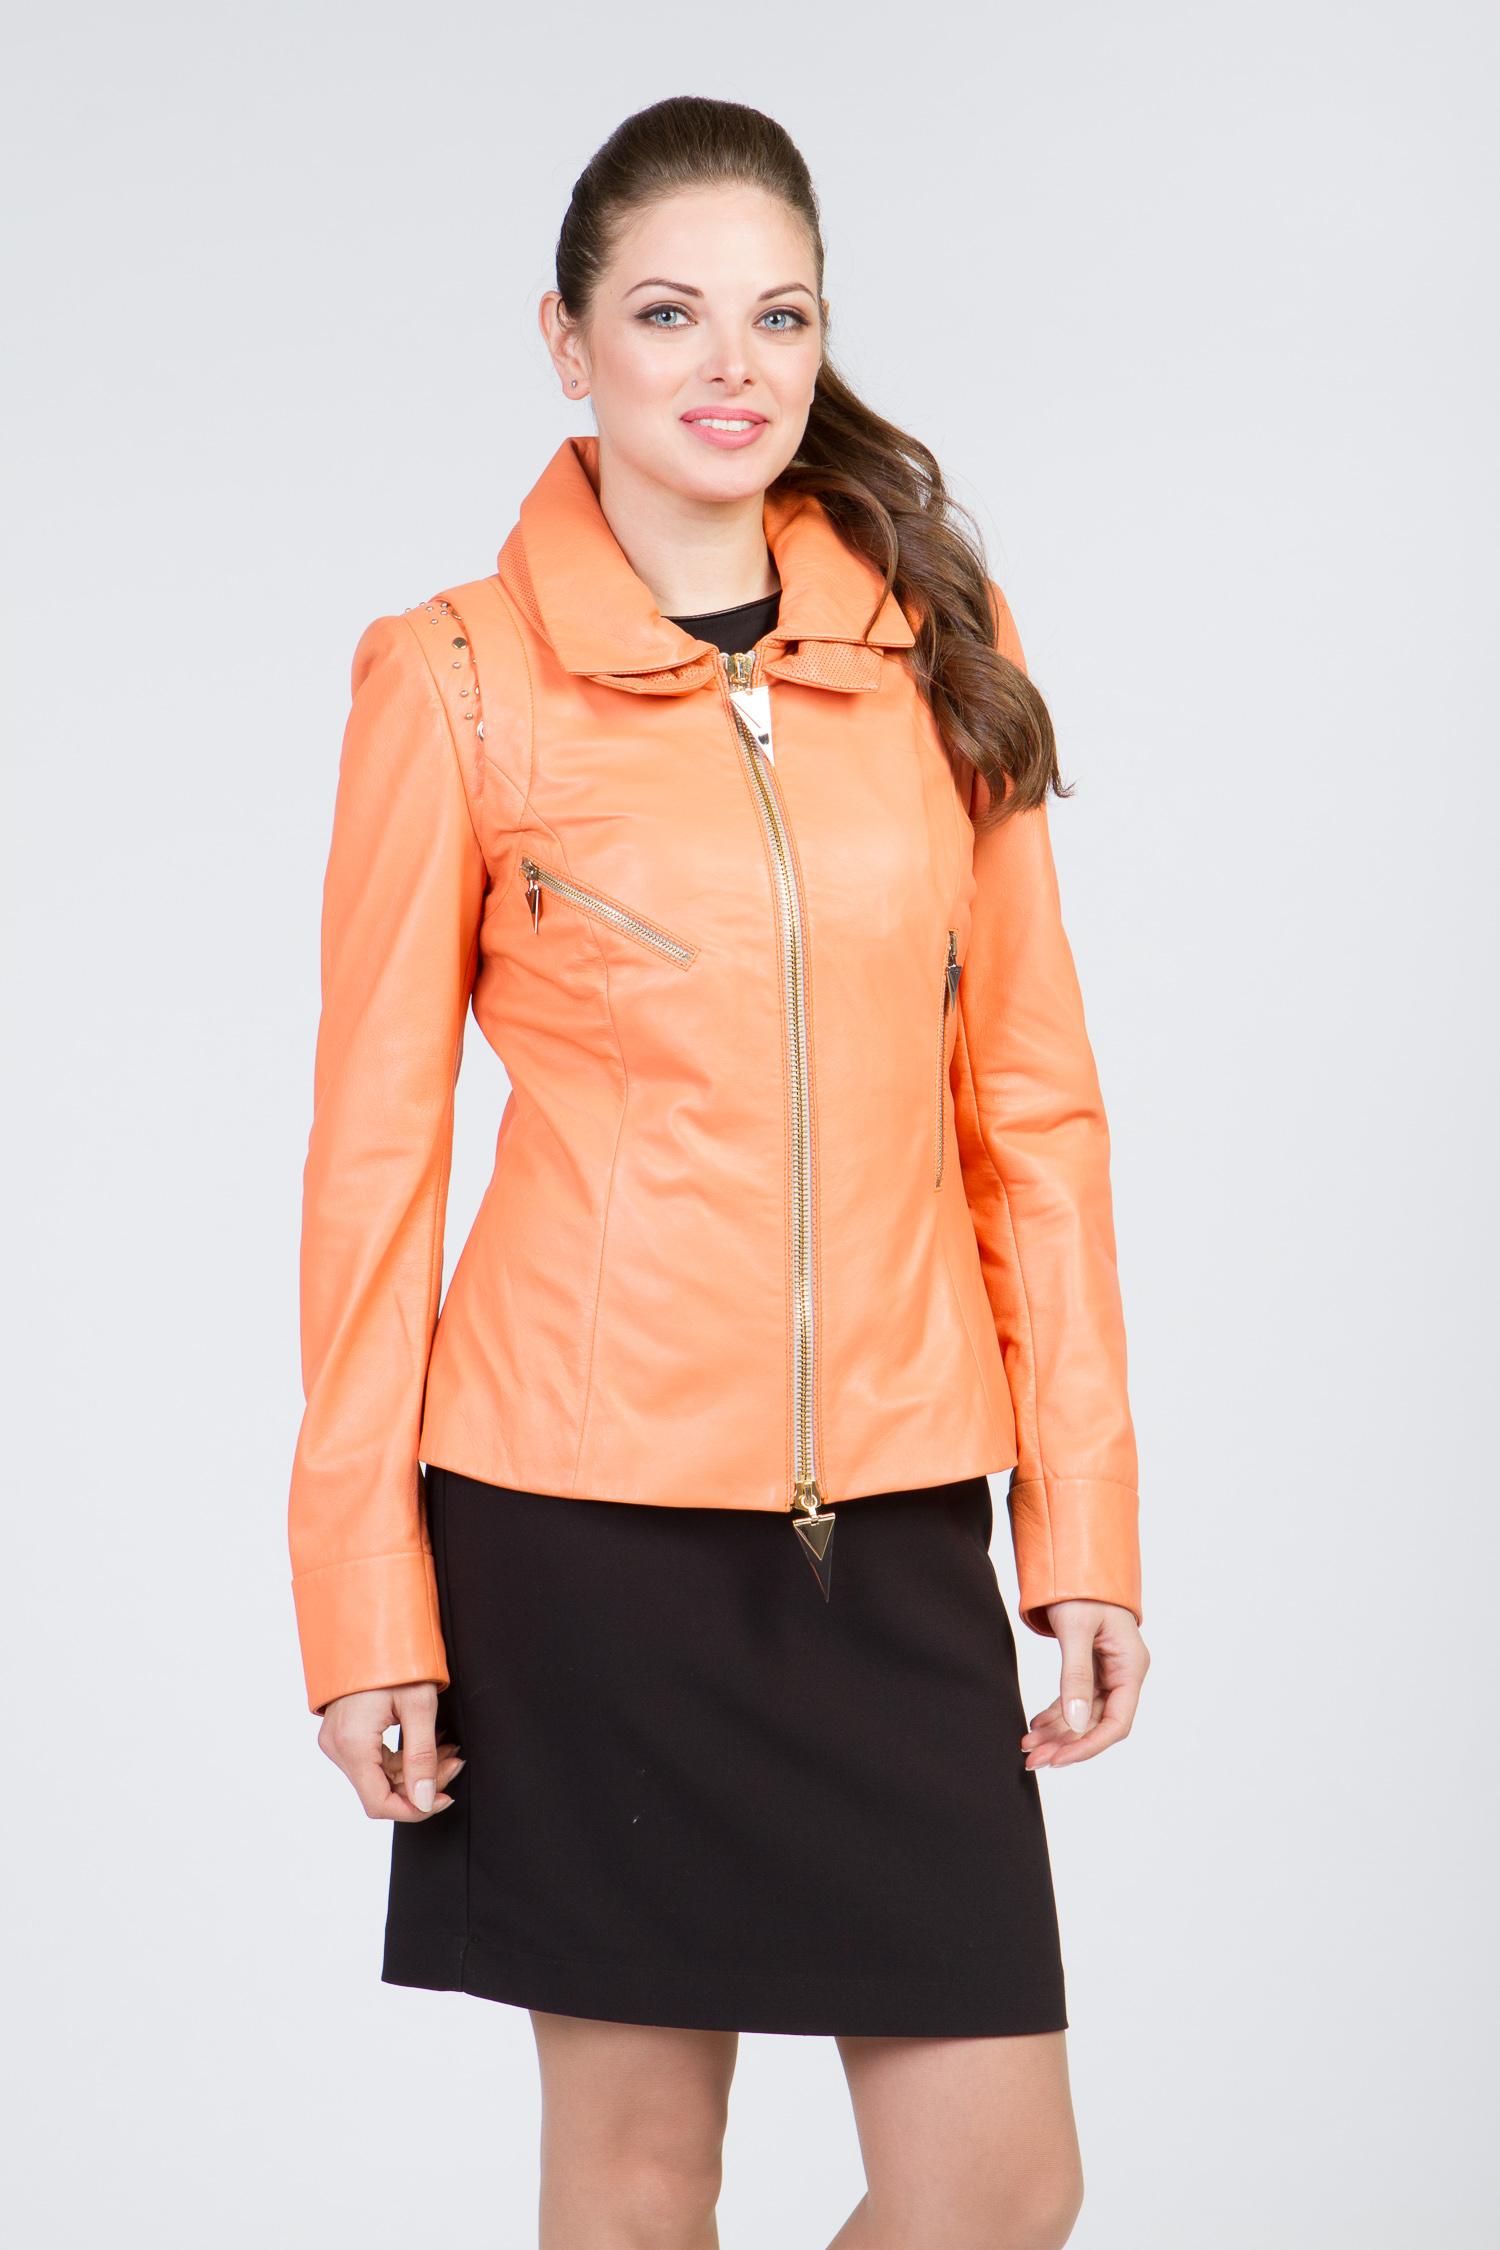 Купить Женская кожаная куртка из натуральной кожи с воротником, без отделки, МОСМЕХА, оранжевый, Кожа овчина, 0901612